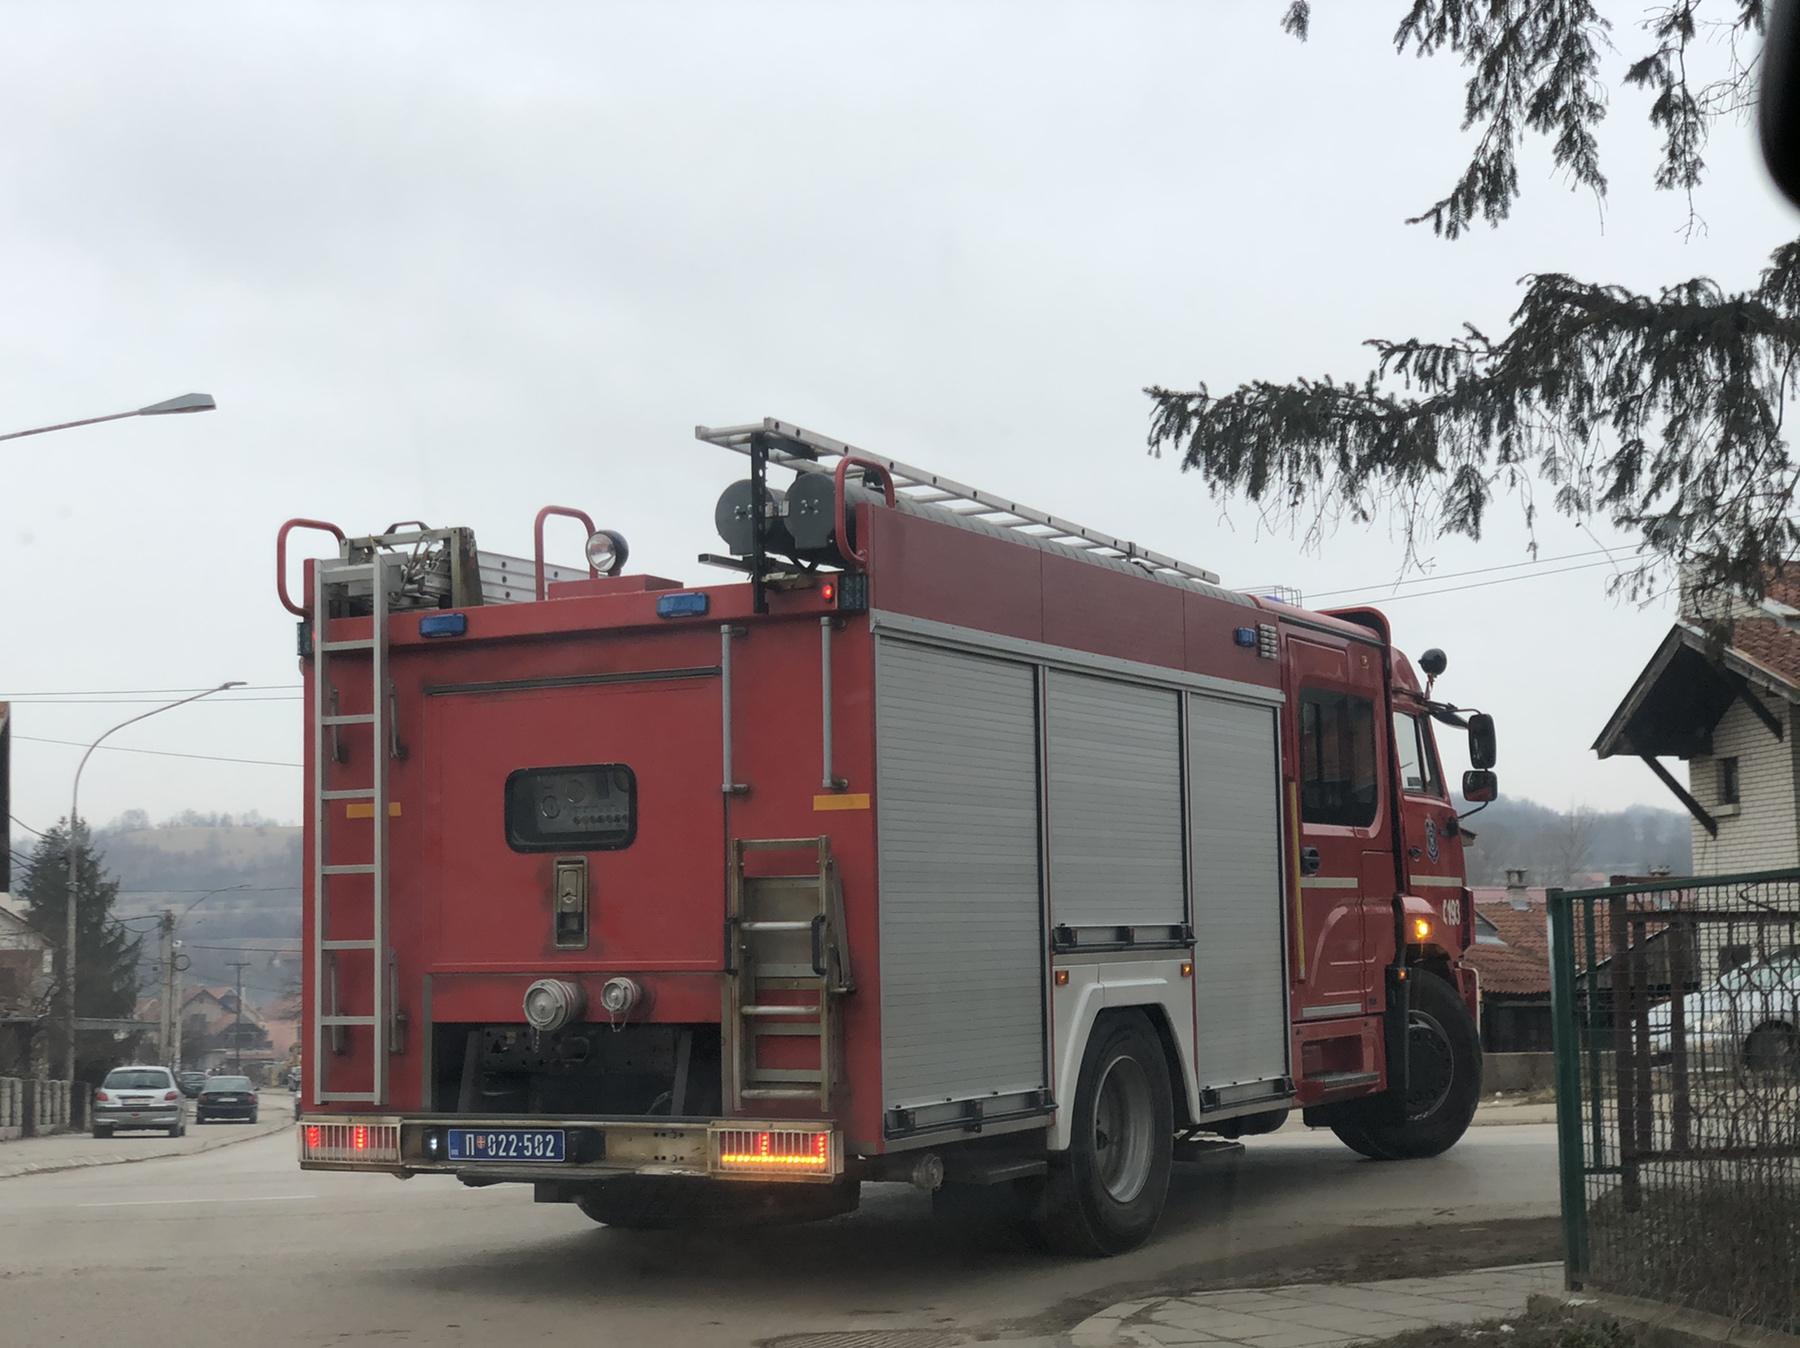 Vatrogasni kamion, foto: Redakcija portala ,,Knjaževačke novine''